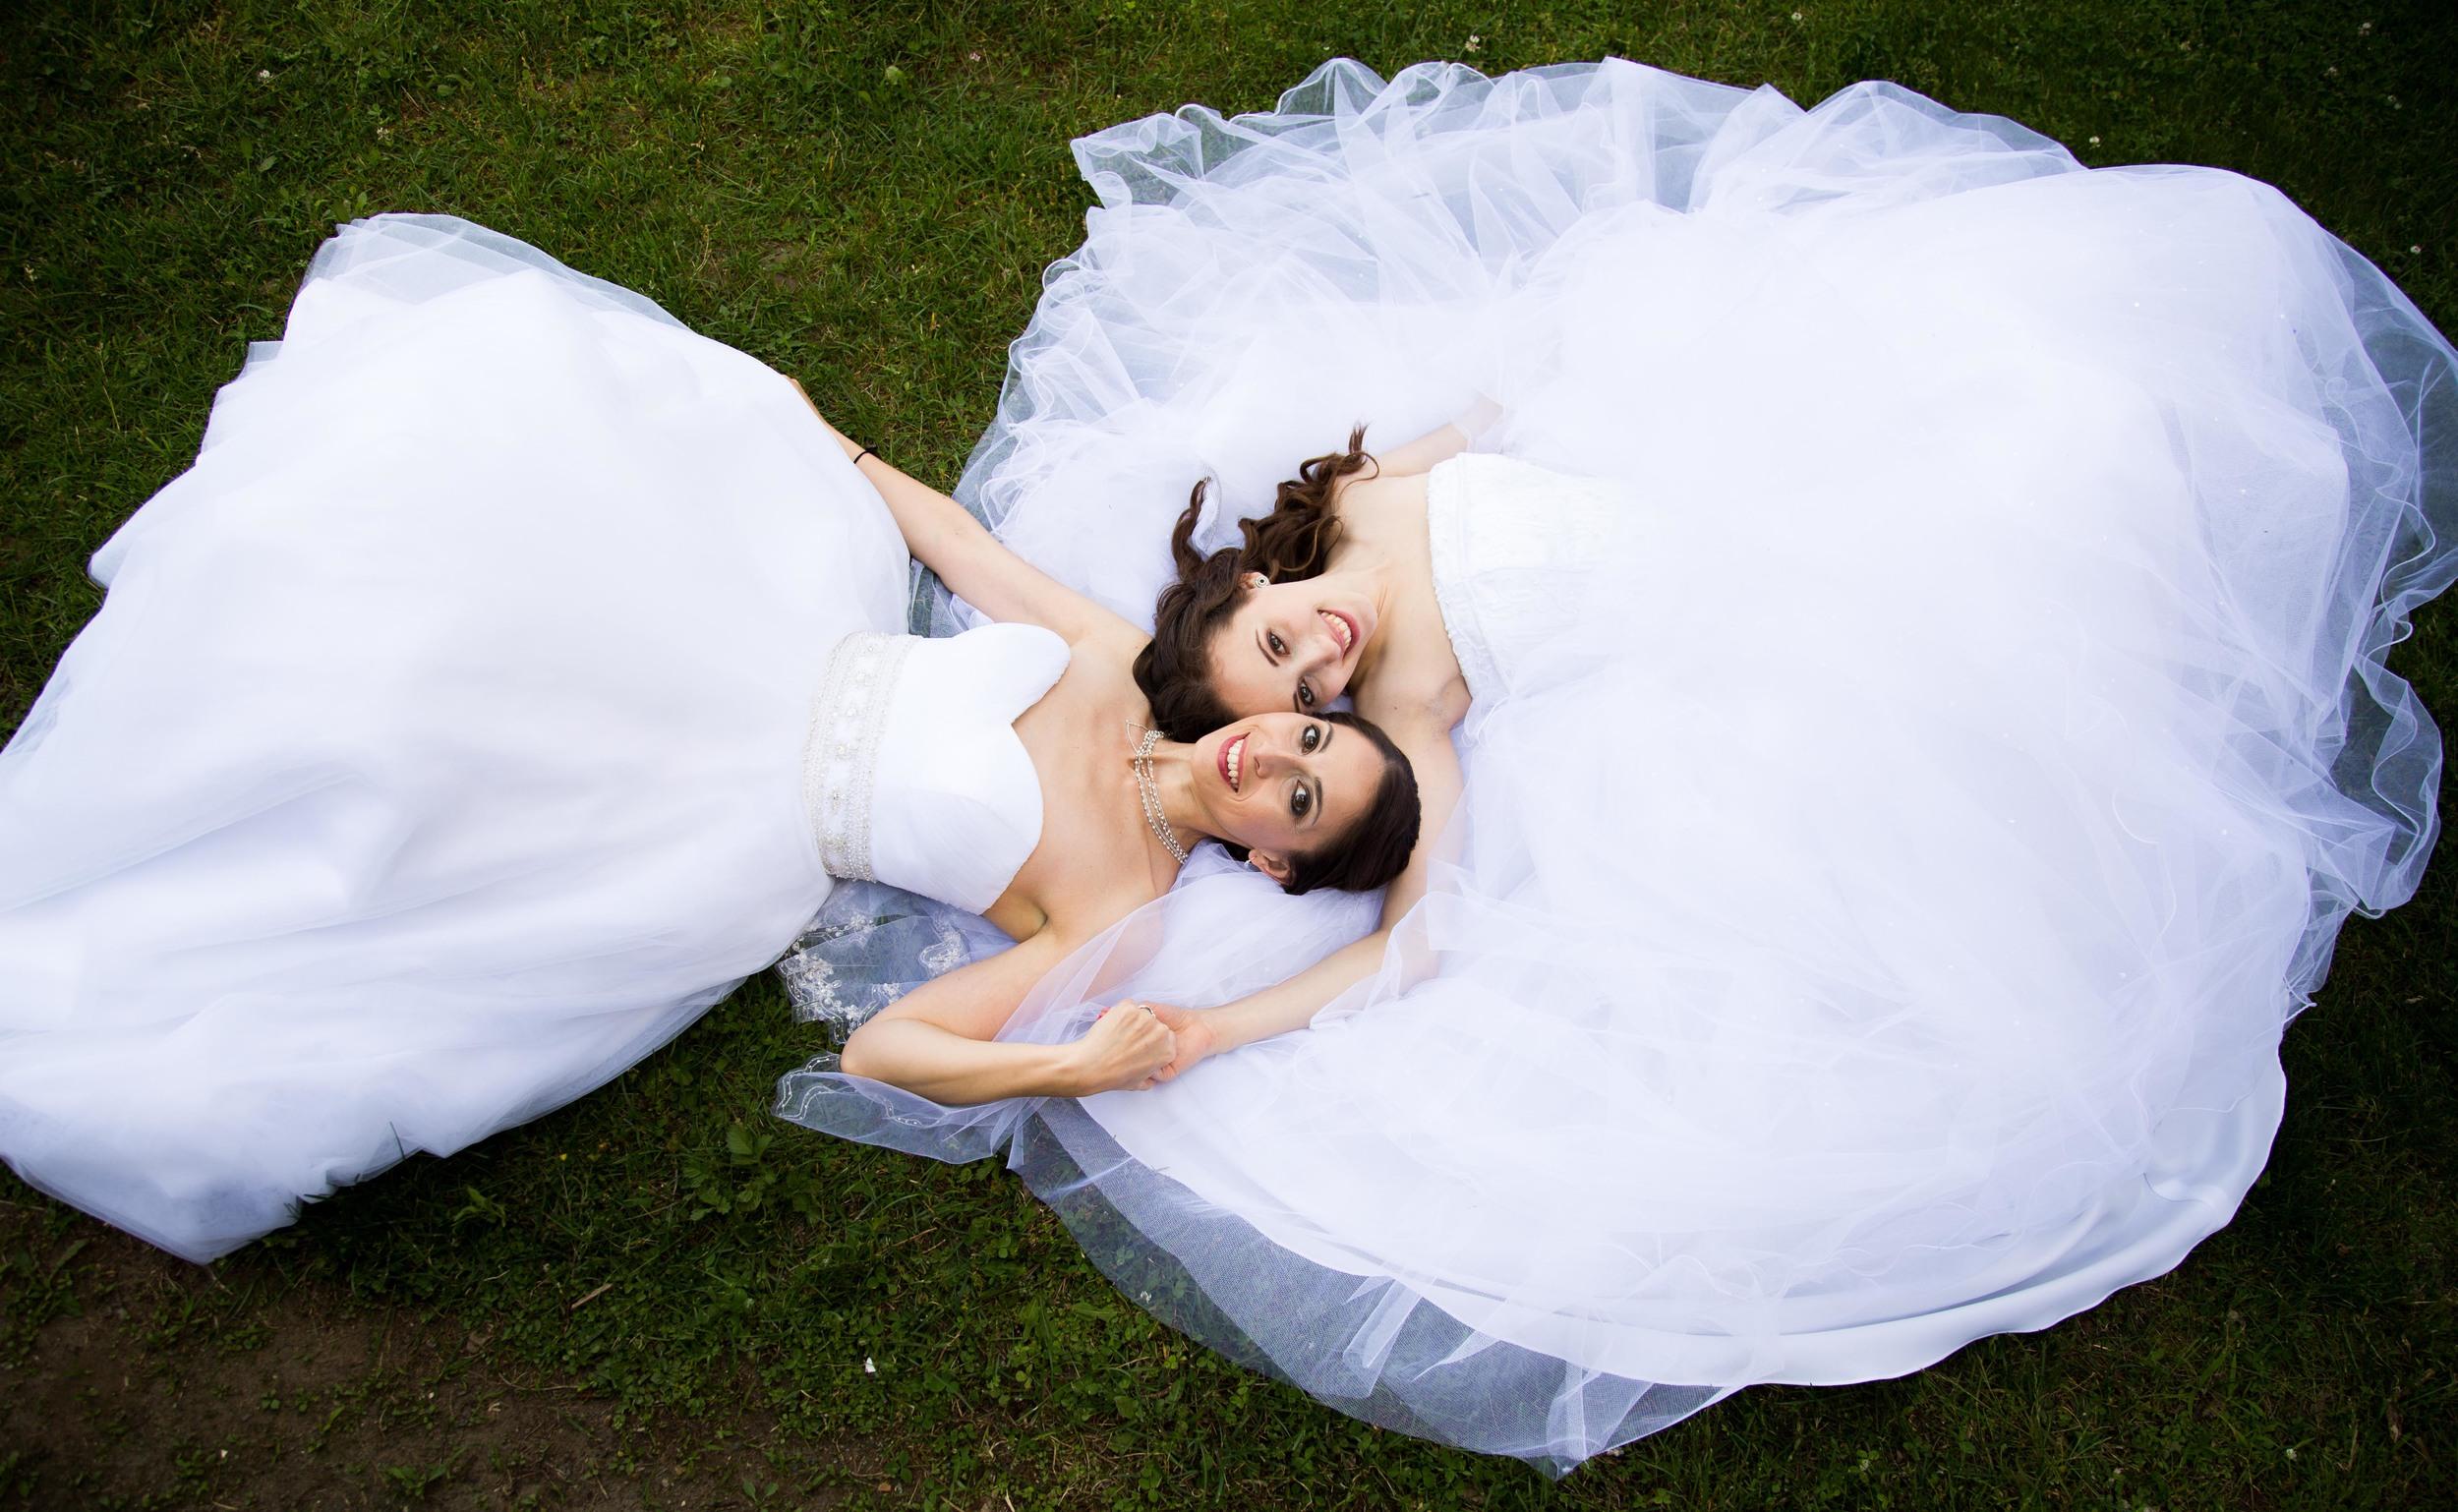 Tracy_Rodriguez_Photography_WeddingPort_LaliKati-Horz-4.jpg